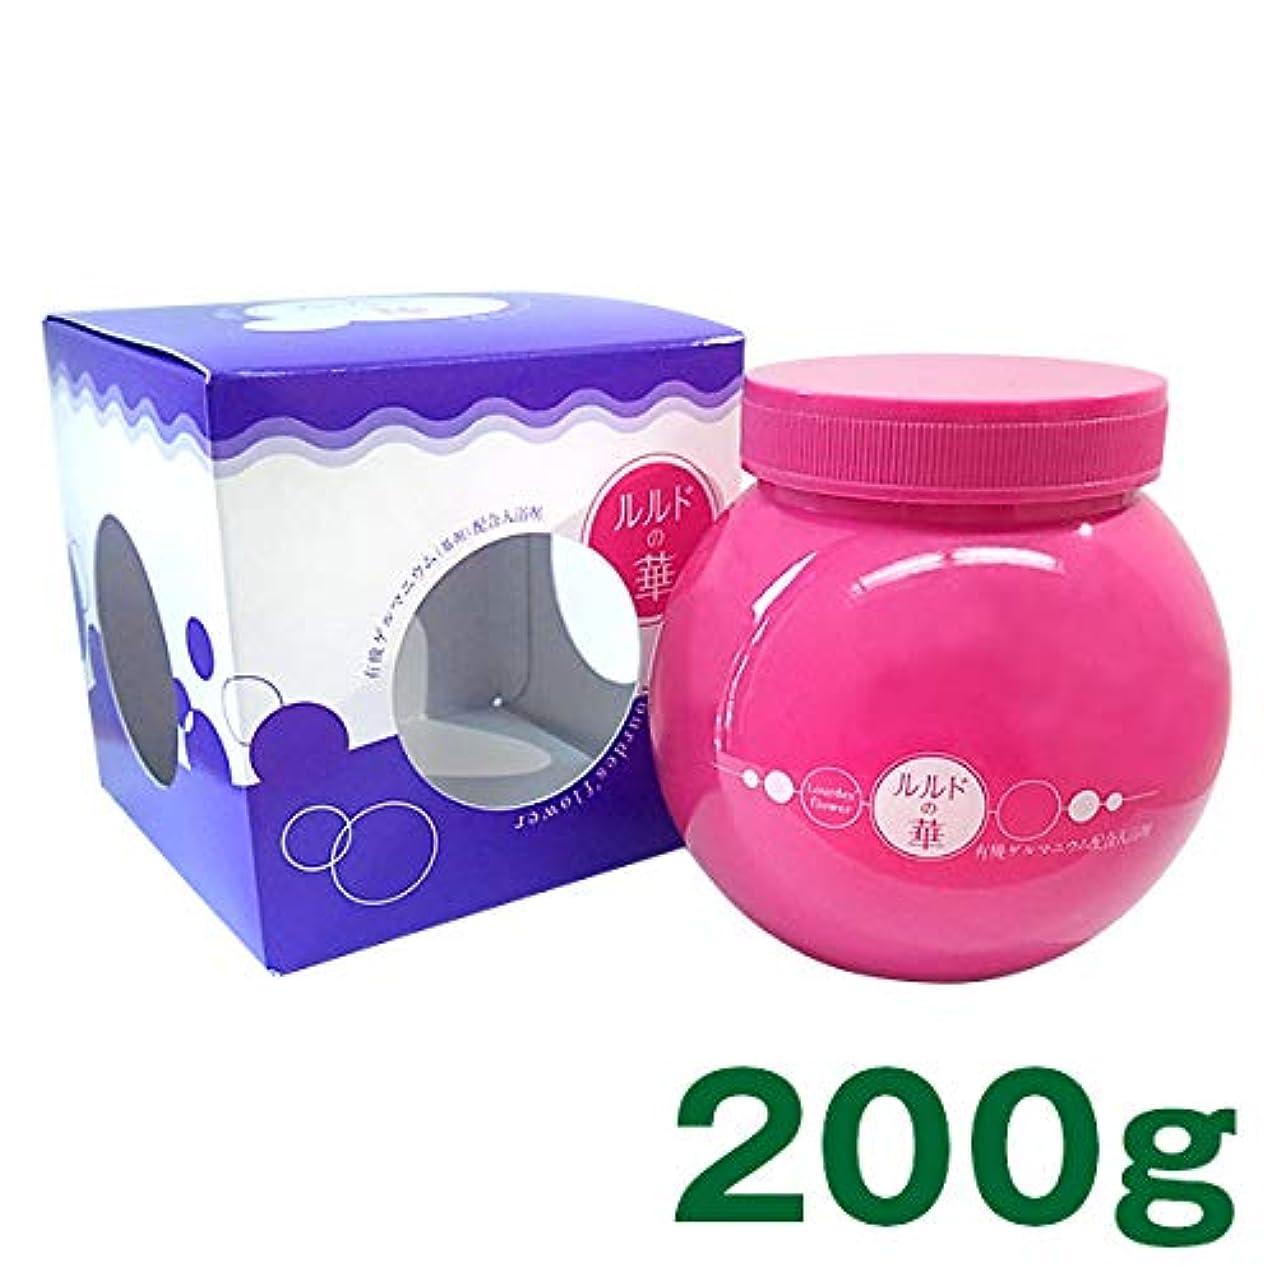 エキスバーガー検証有機ゲルマニウム8.0%配合入浴剤【ルルドの華(ボトル)】200g